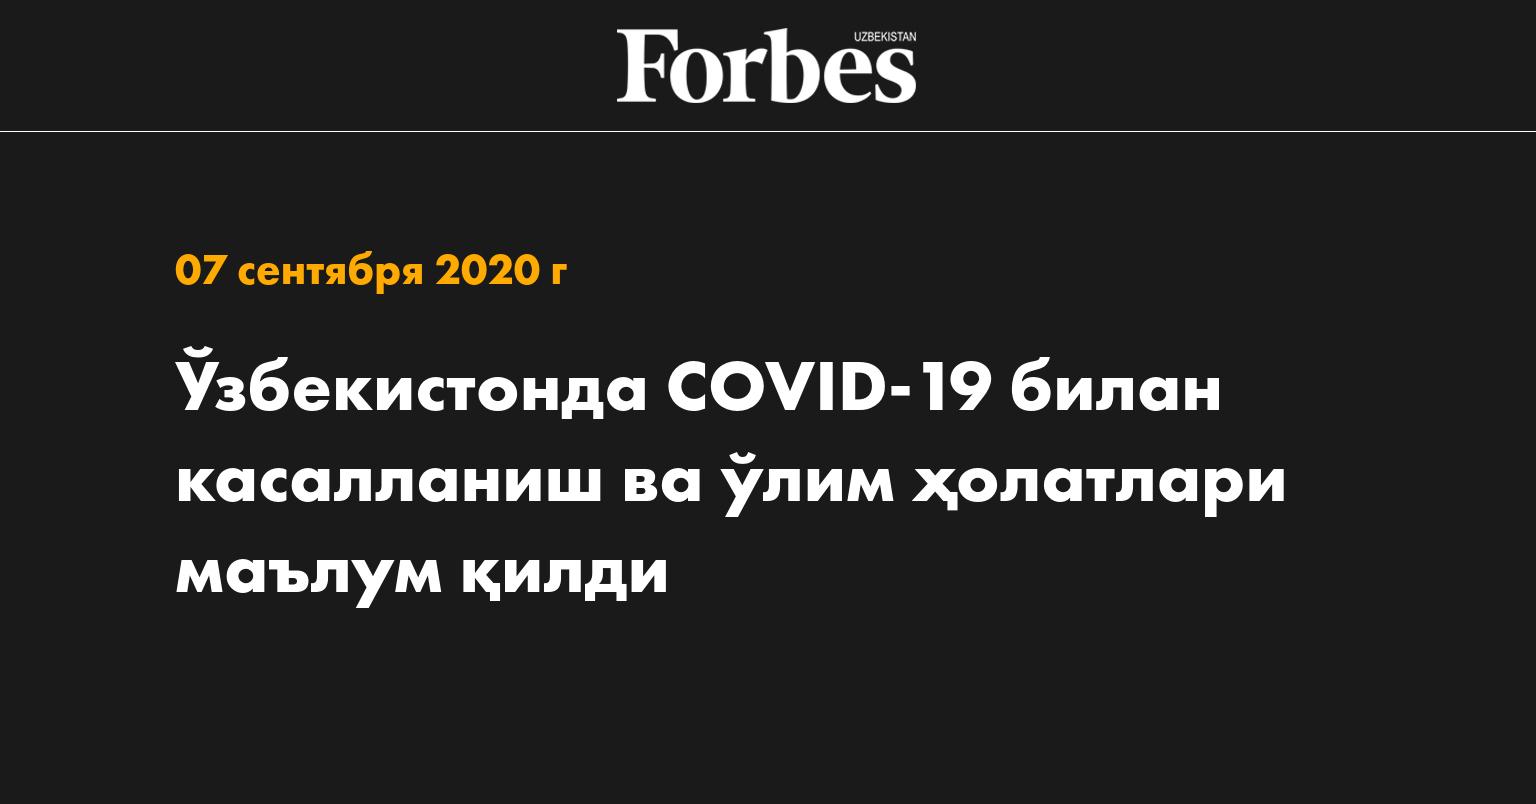 Ўзбекистонда COVID-19 билан касалланиш ва ўлим ҳолатлари маълум қилди